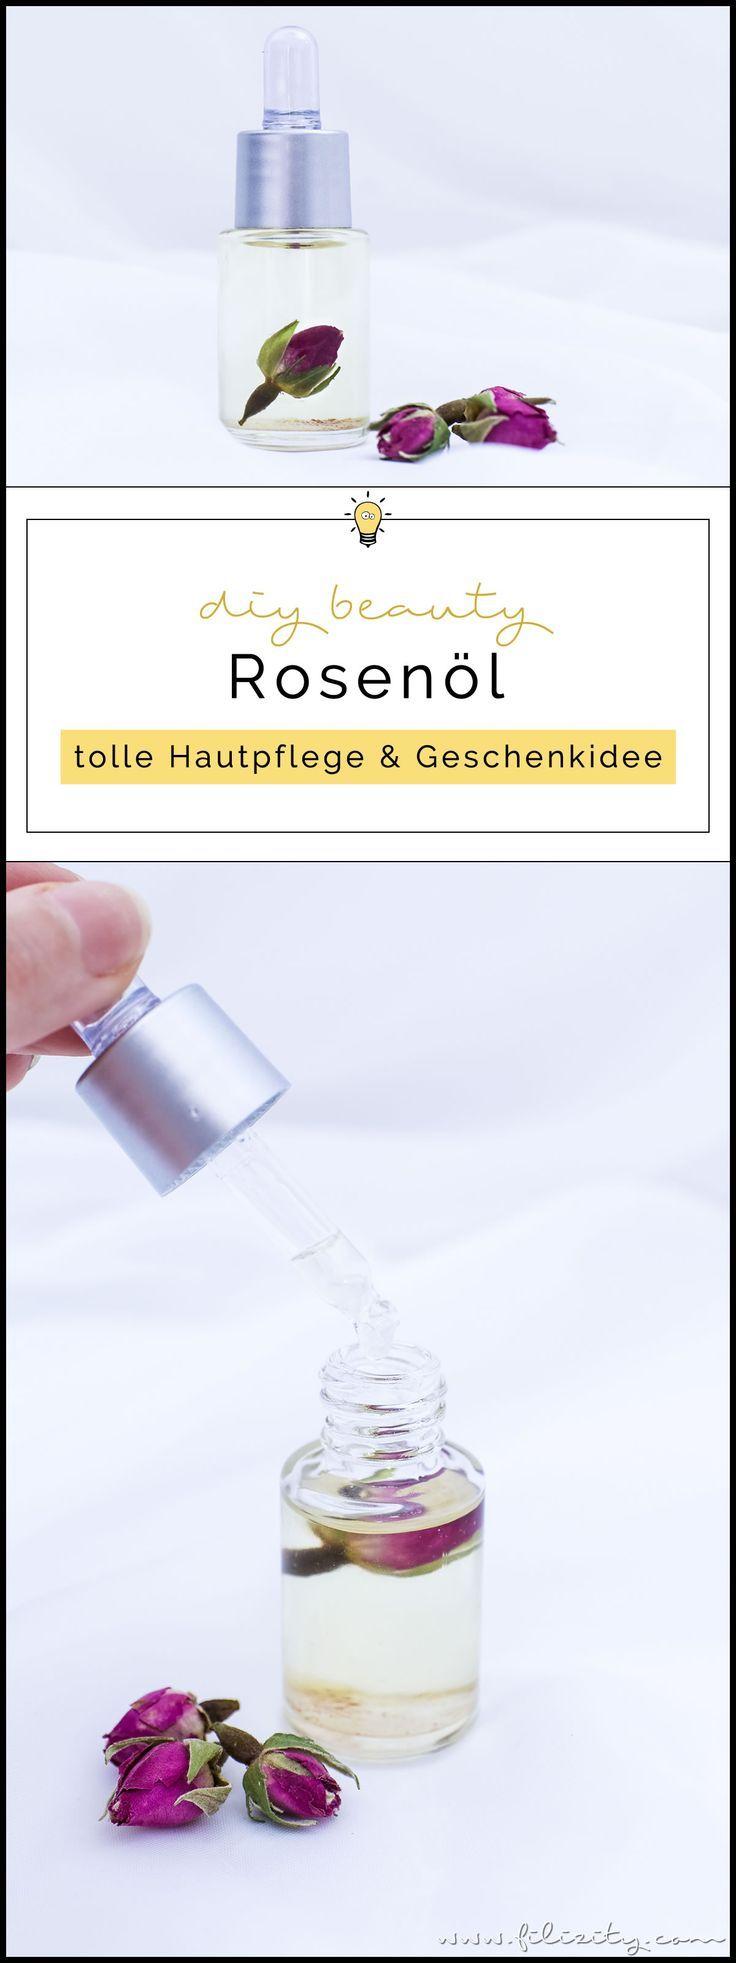 Rosenöl selber machen - DIY Hautpflege & Geschenkidee für Valentinstag #bodycare